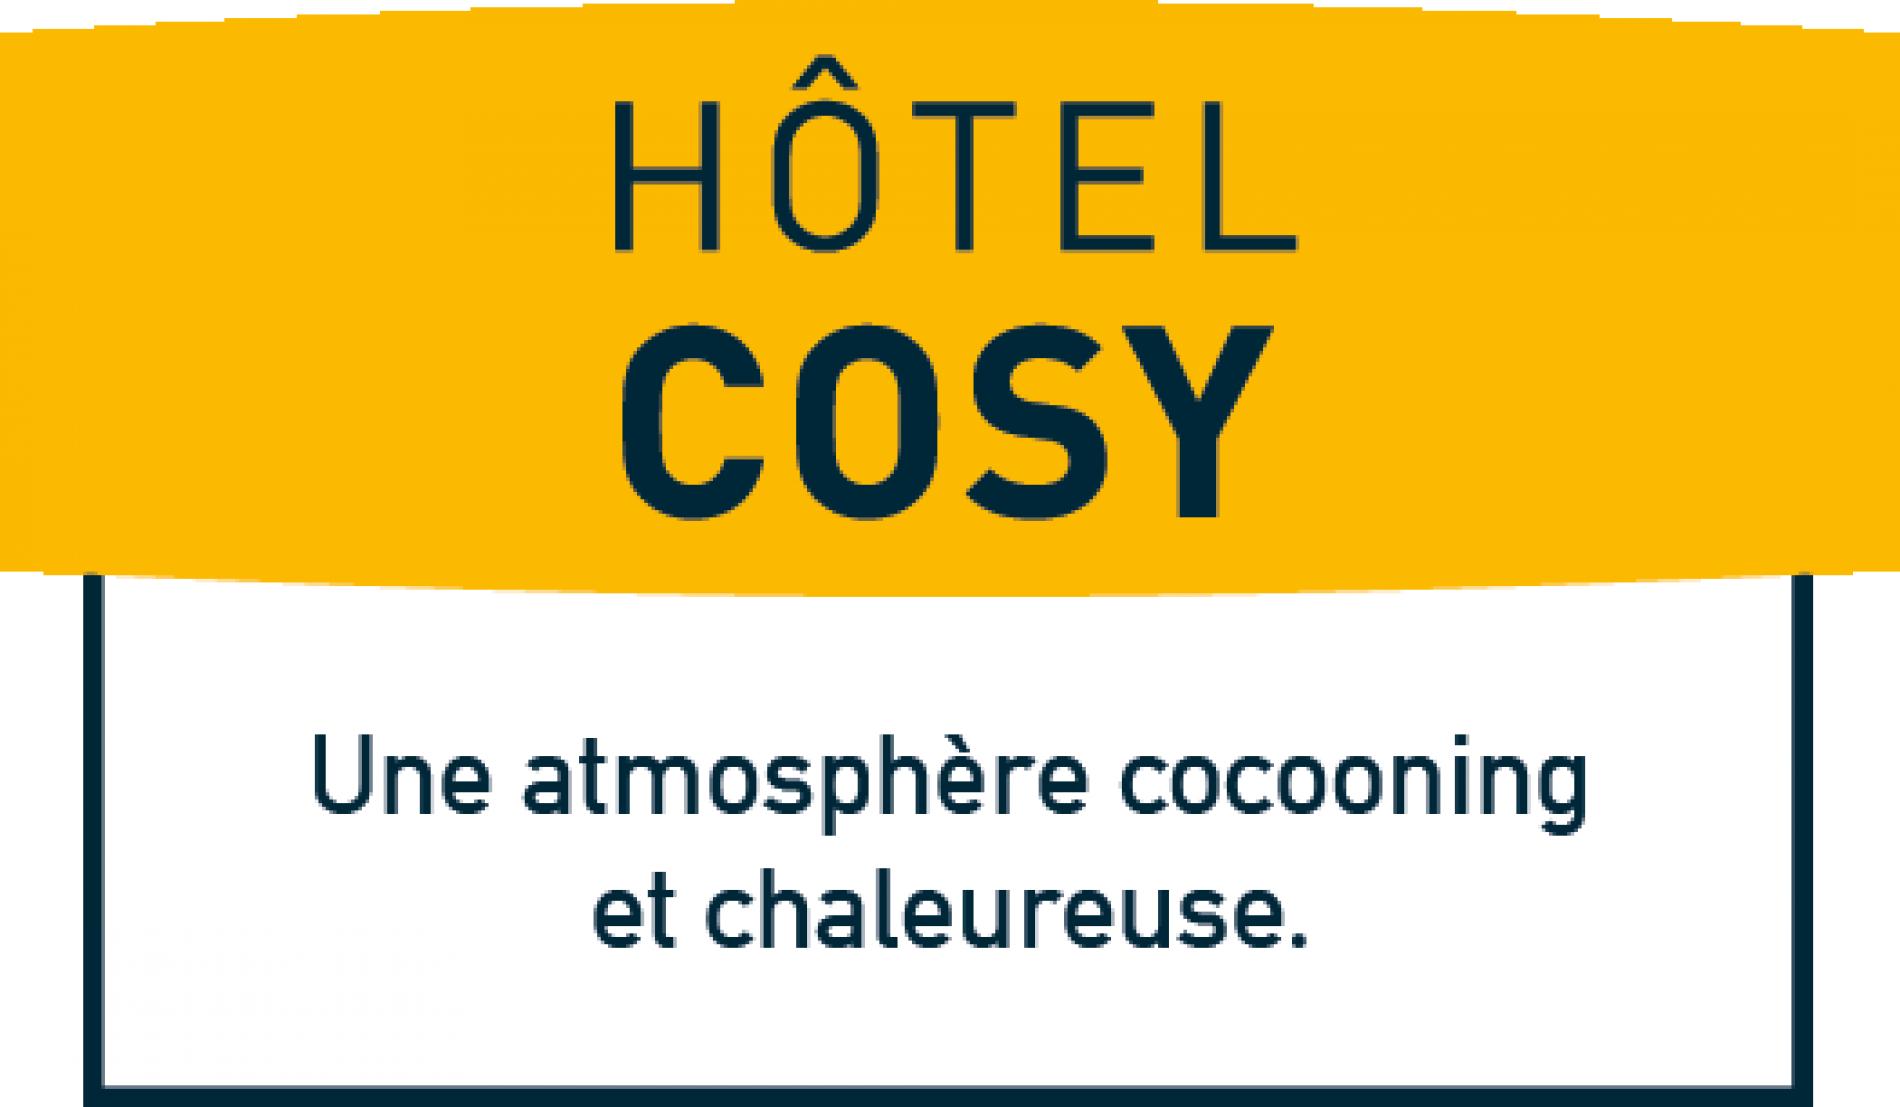 hôtel cosy